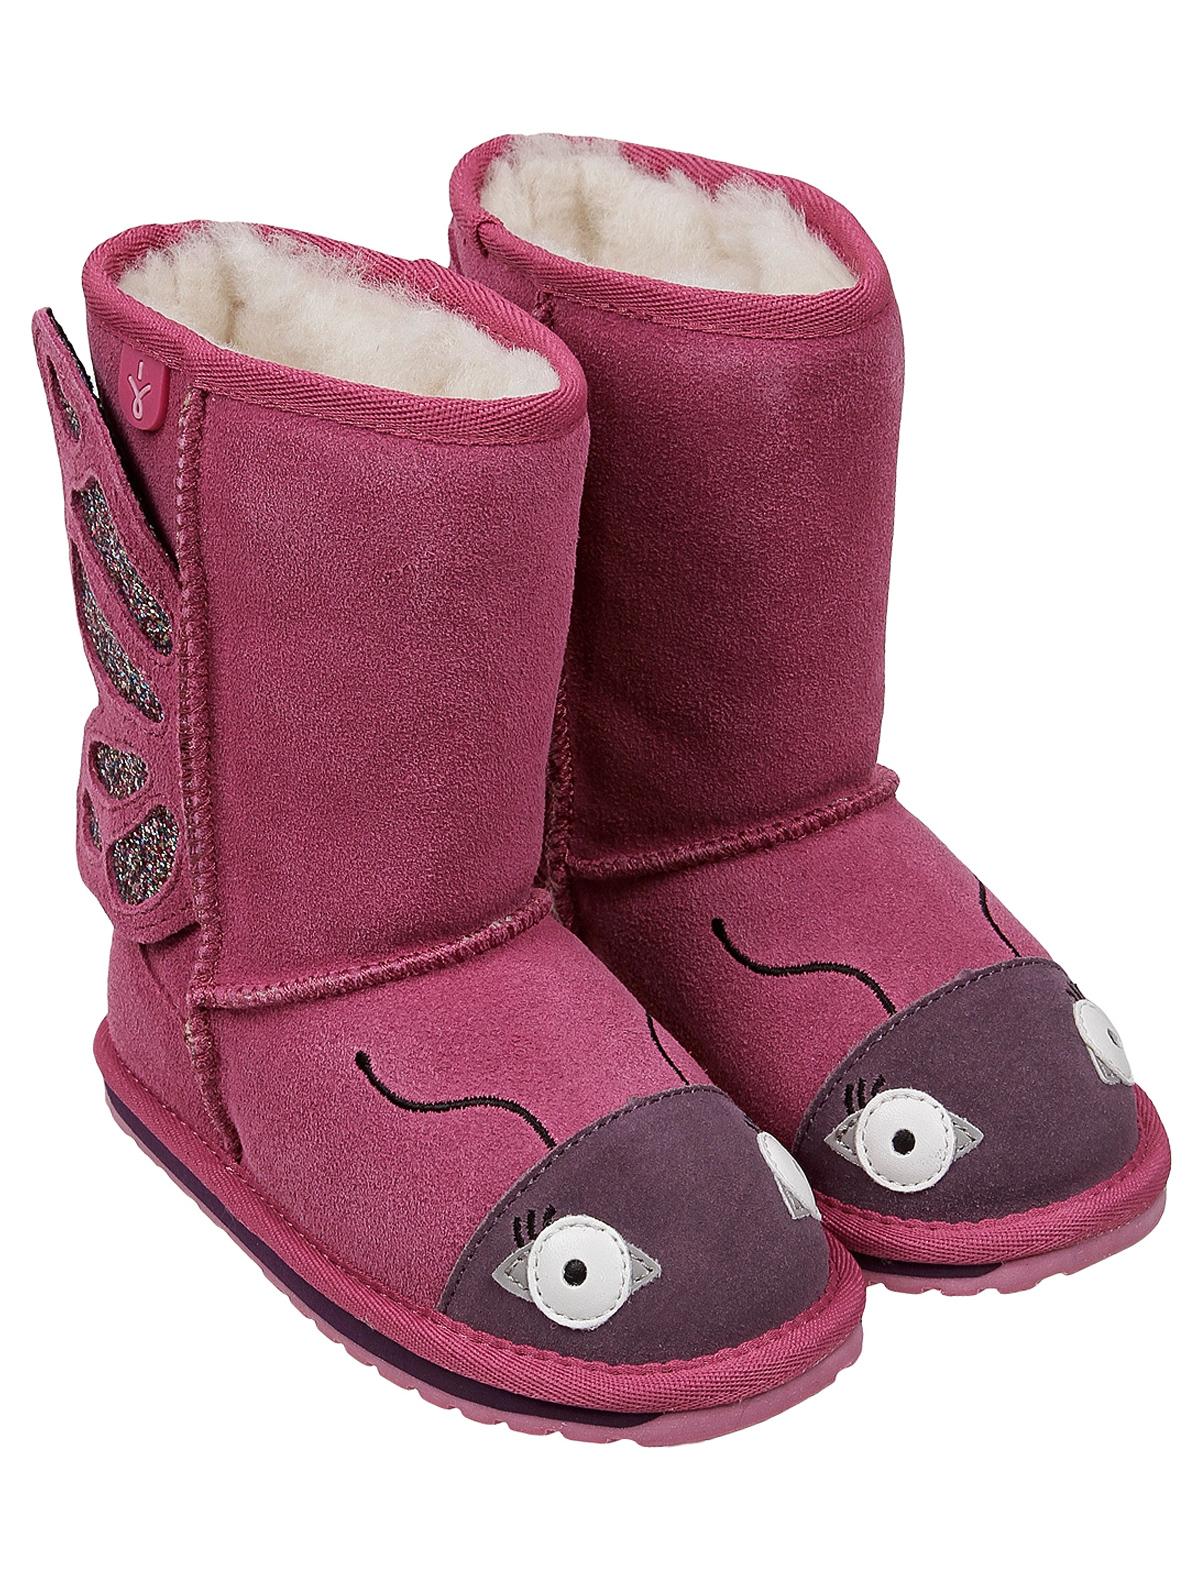 2255629, Сапоги Emu Australia, розовый, Женский, 2024509082105  - купить со скидкой